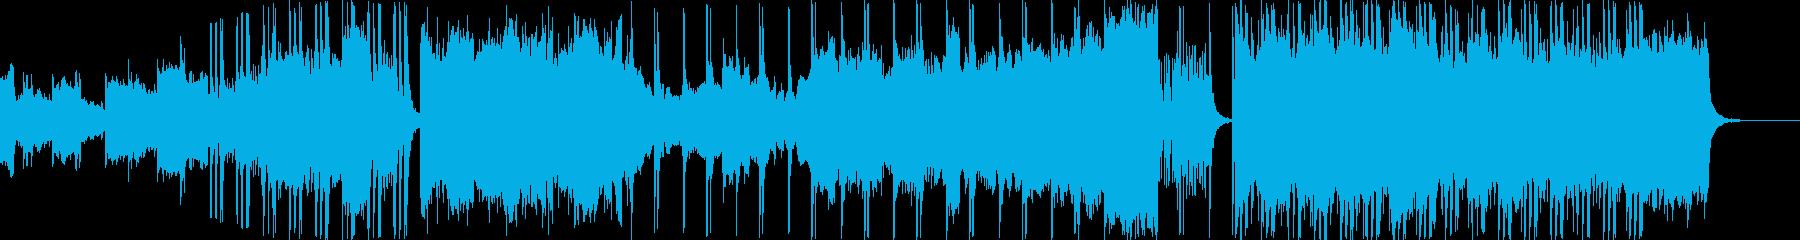 厳かに盛り上がるオーケストラの再生済みの波形